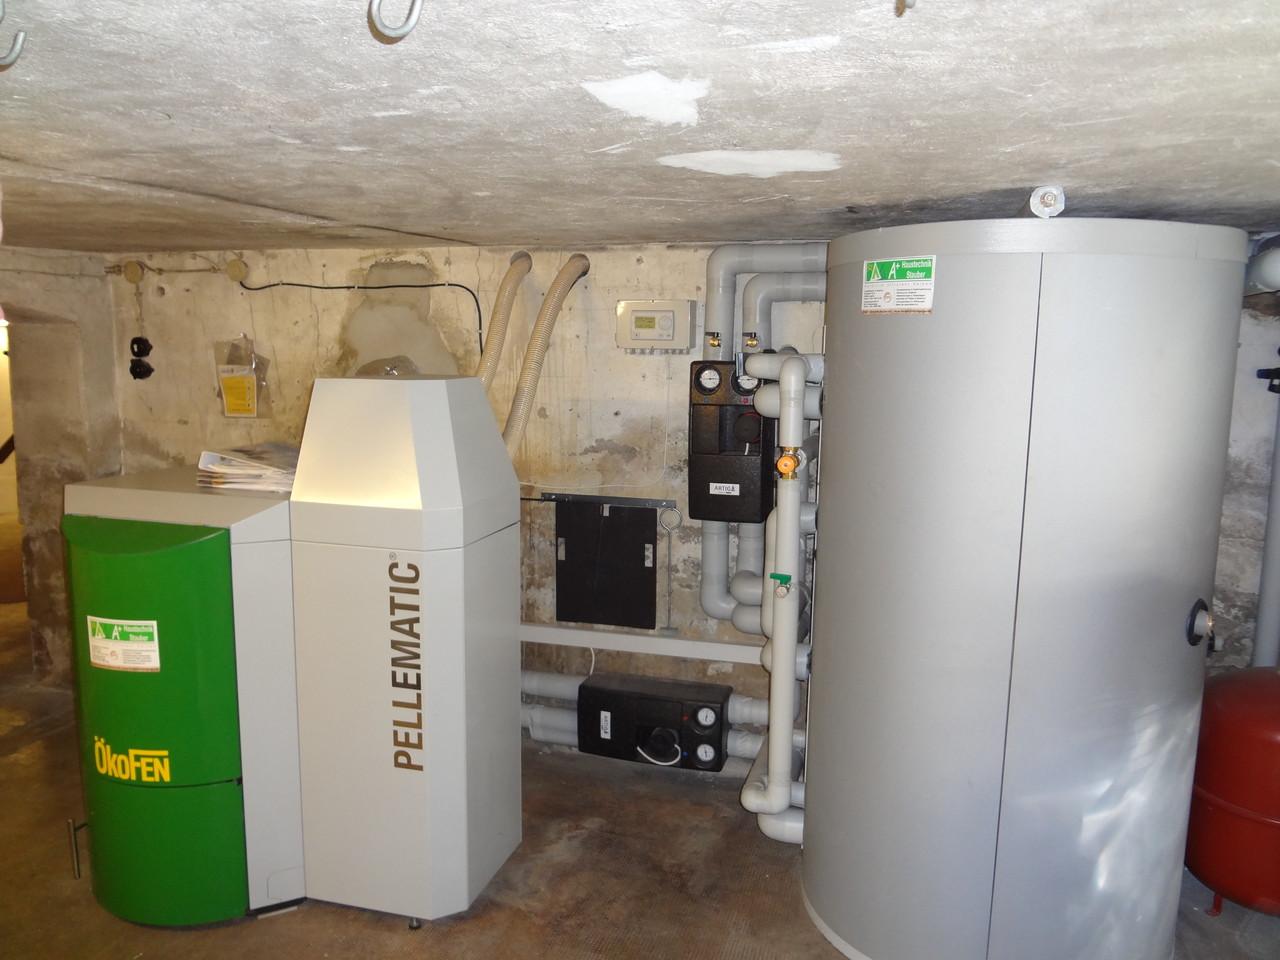 ÖkoFEN 20 kW Kessel mit 800 Liter Schichtenspeicher